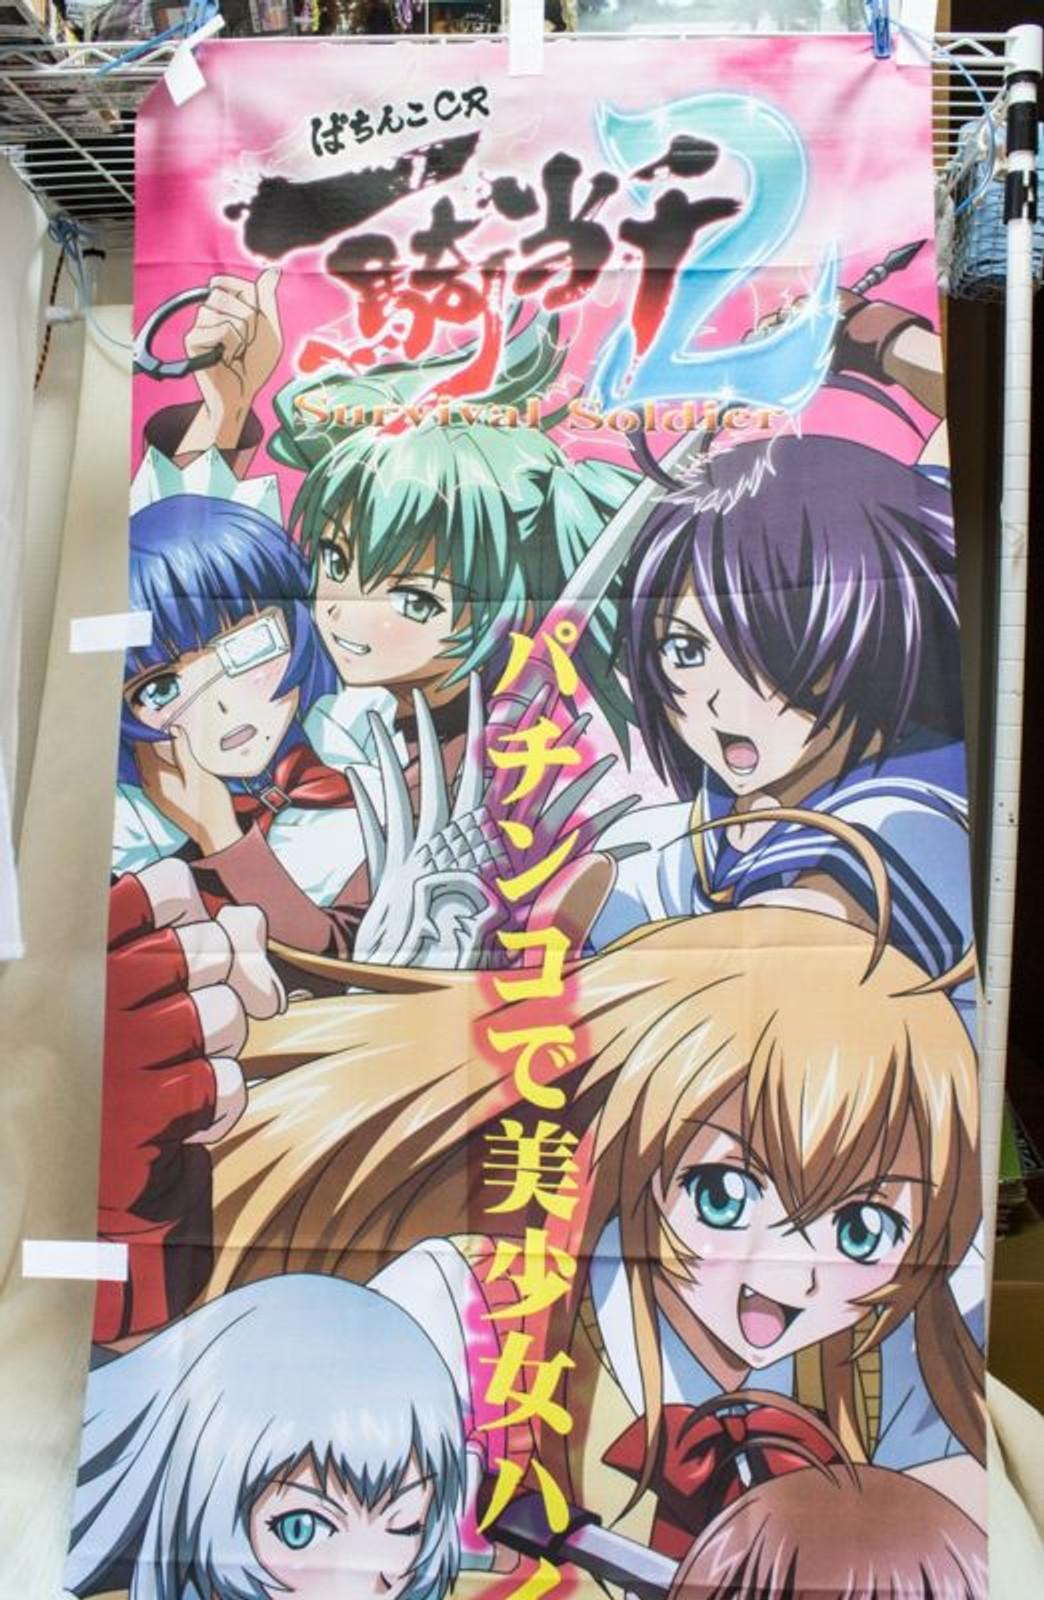 Ikki Tousen Promotion Banner for Pachinko Store Not for Sale JAPAN ANIME MANGA